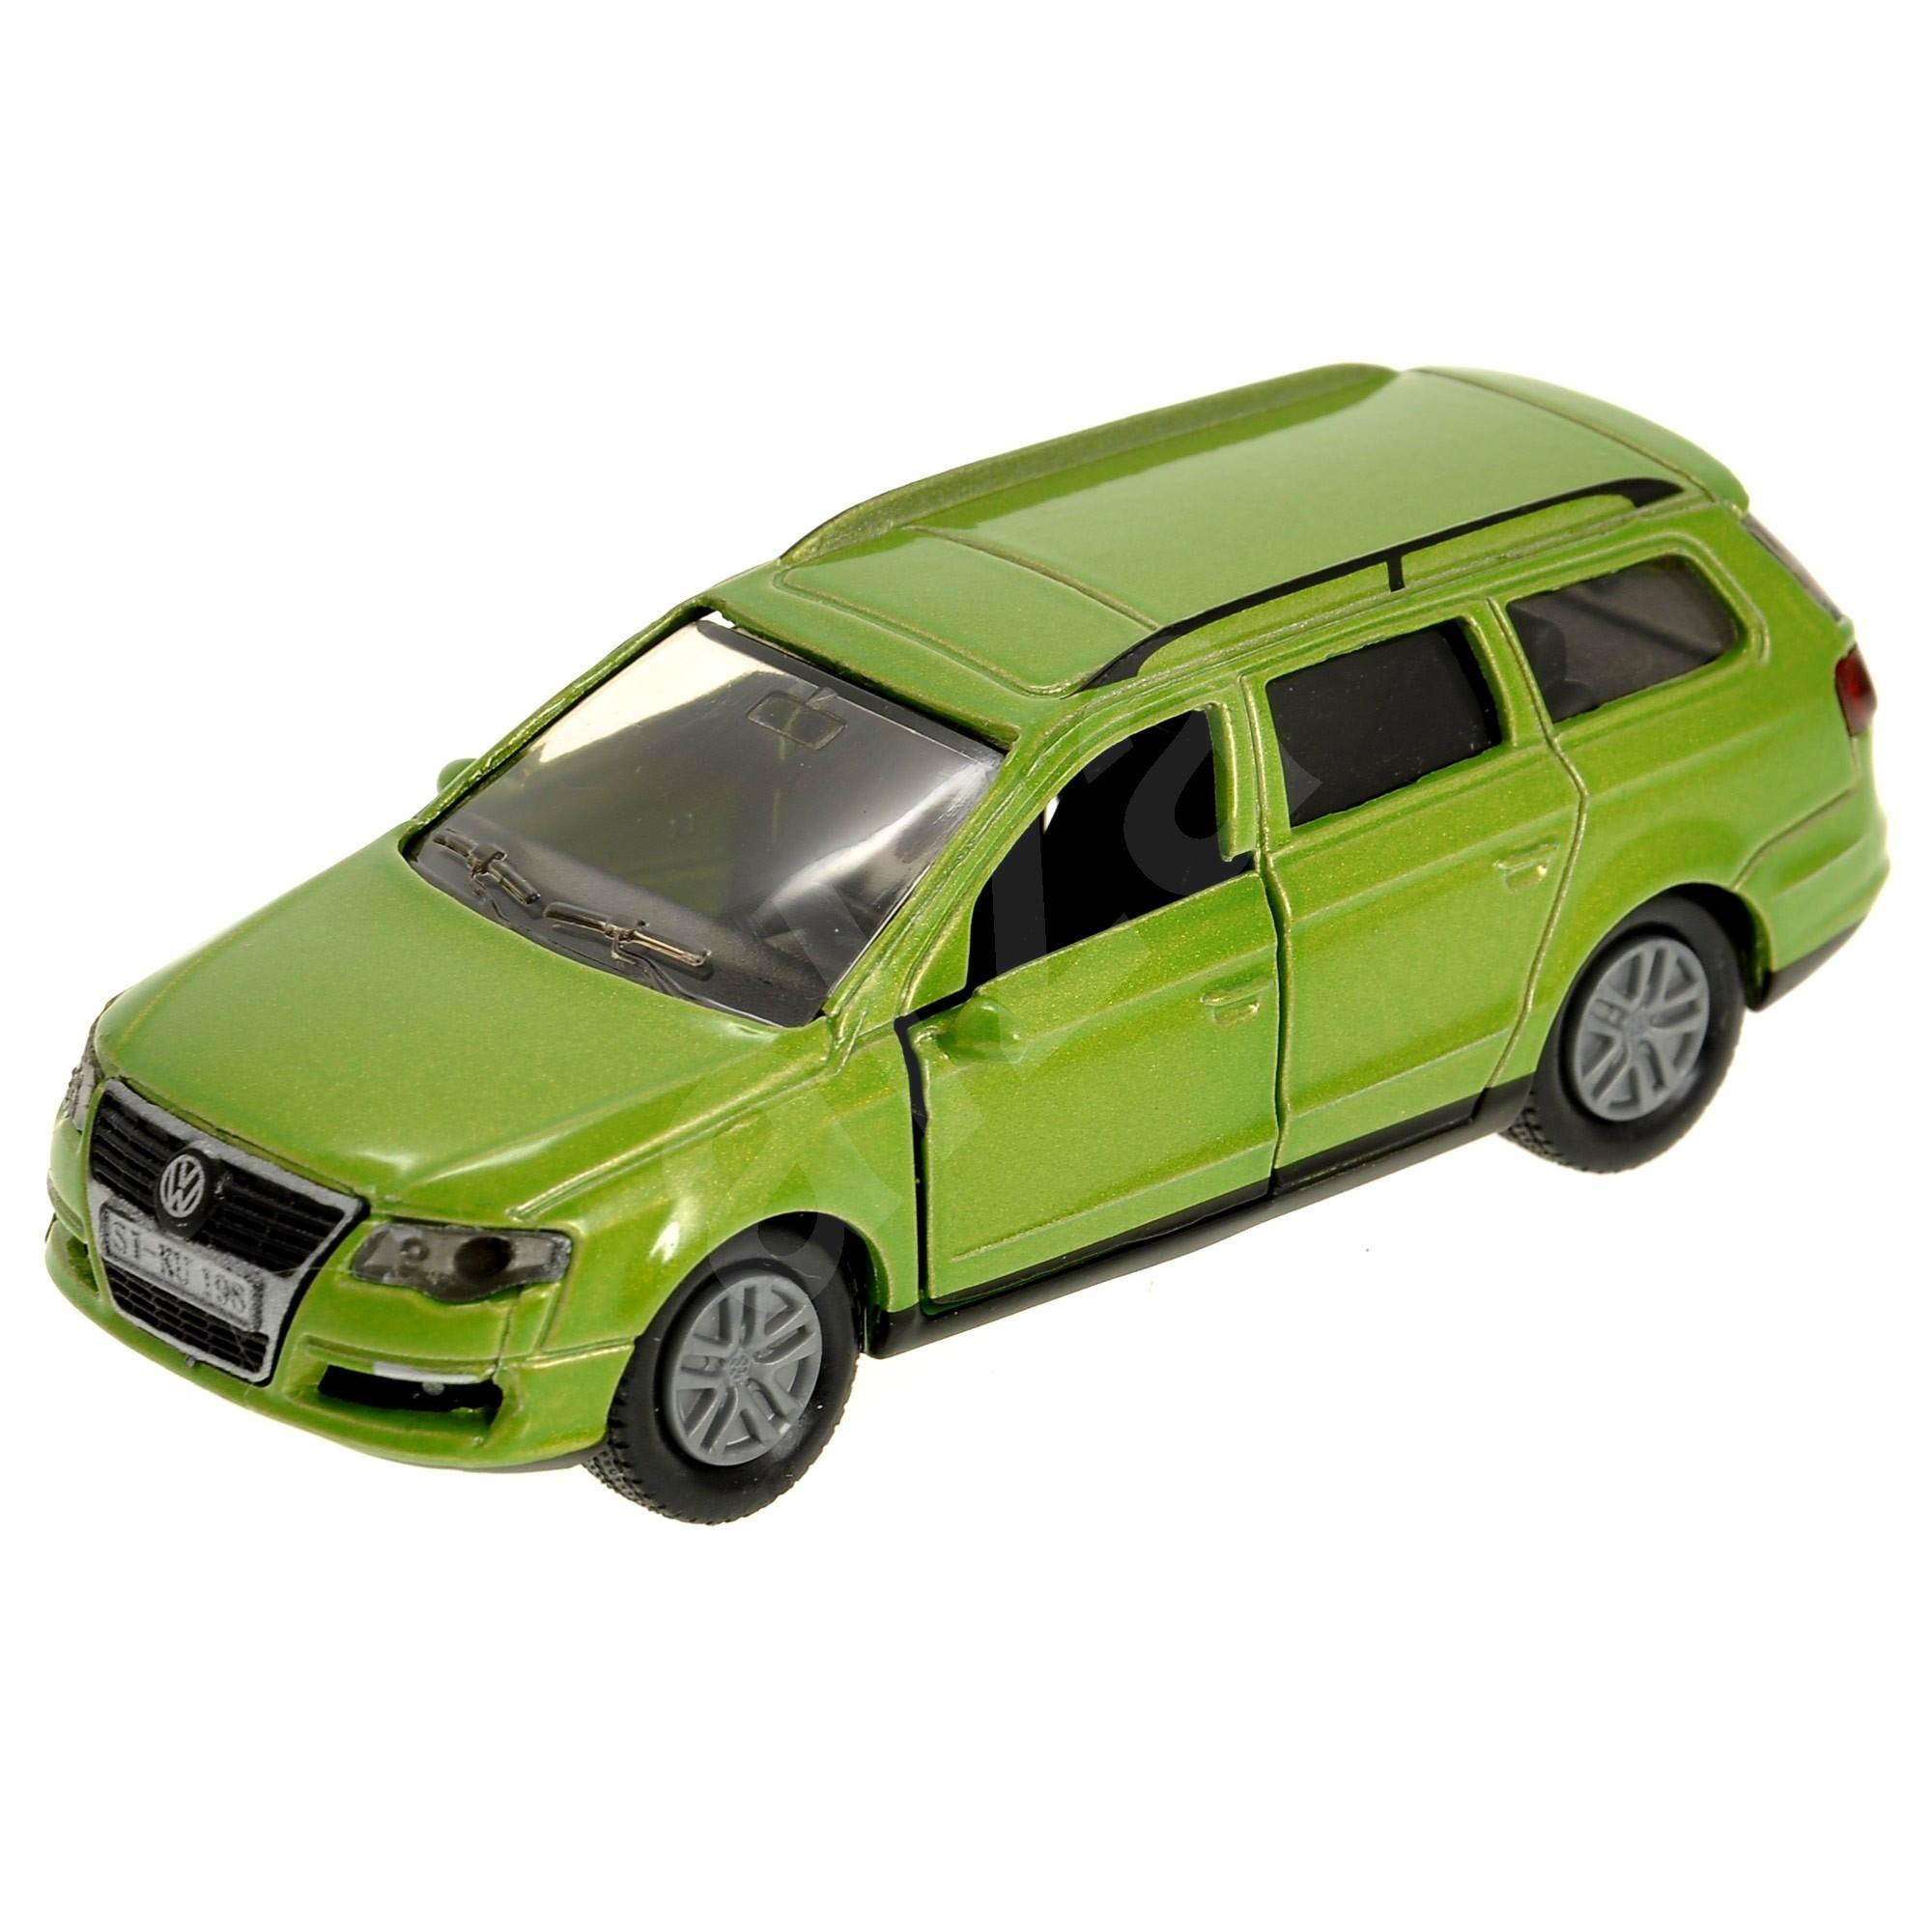 Masinuta - VW Passat | Siku